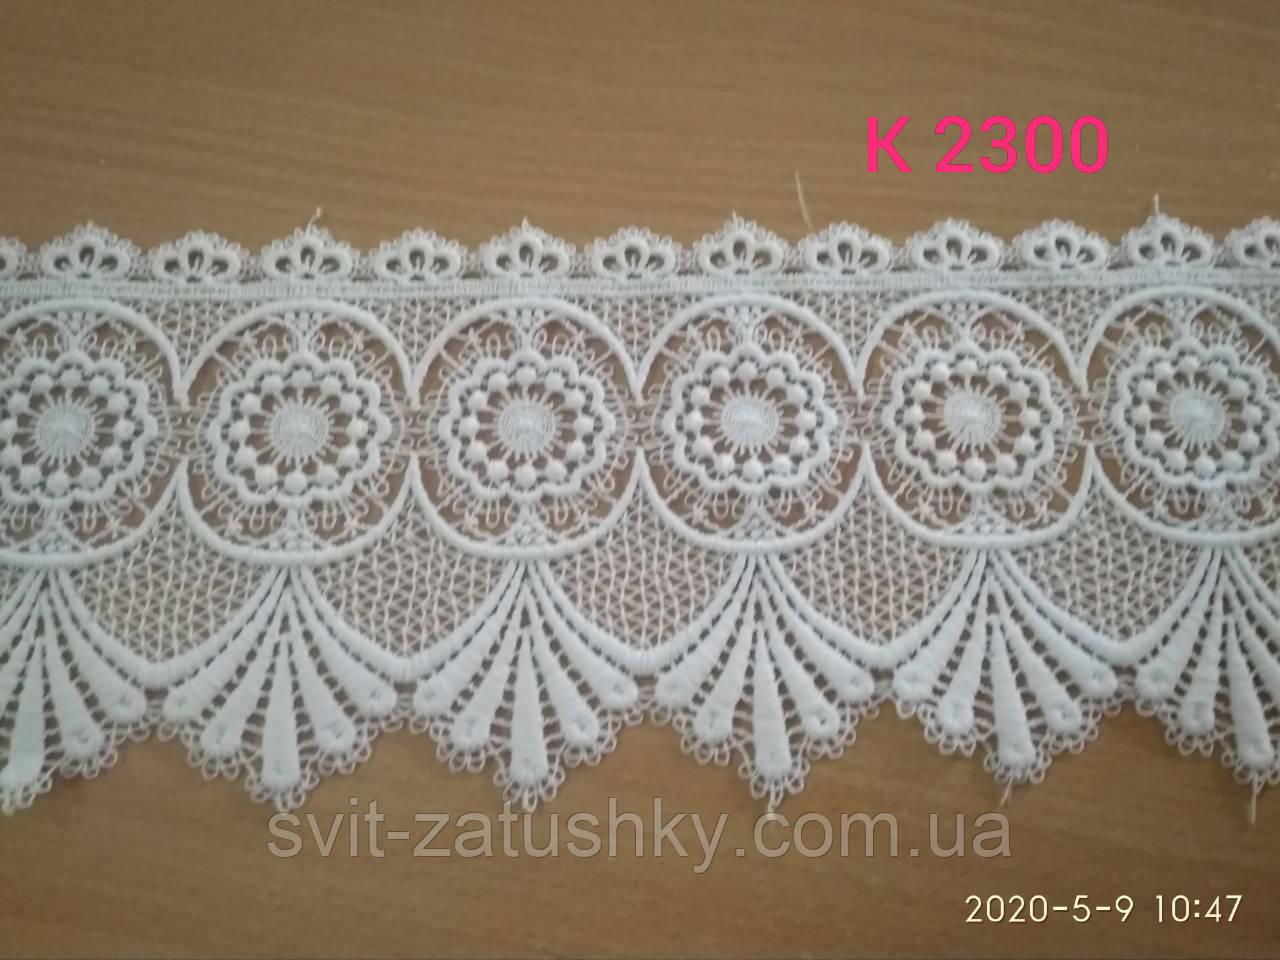 Мереживо макраме біле ширина 13 см /Мереживо макраме біле ширина 13 см